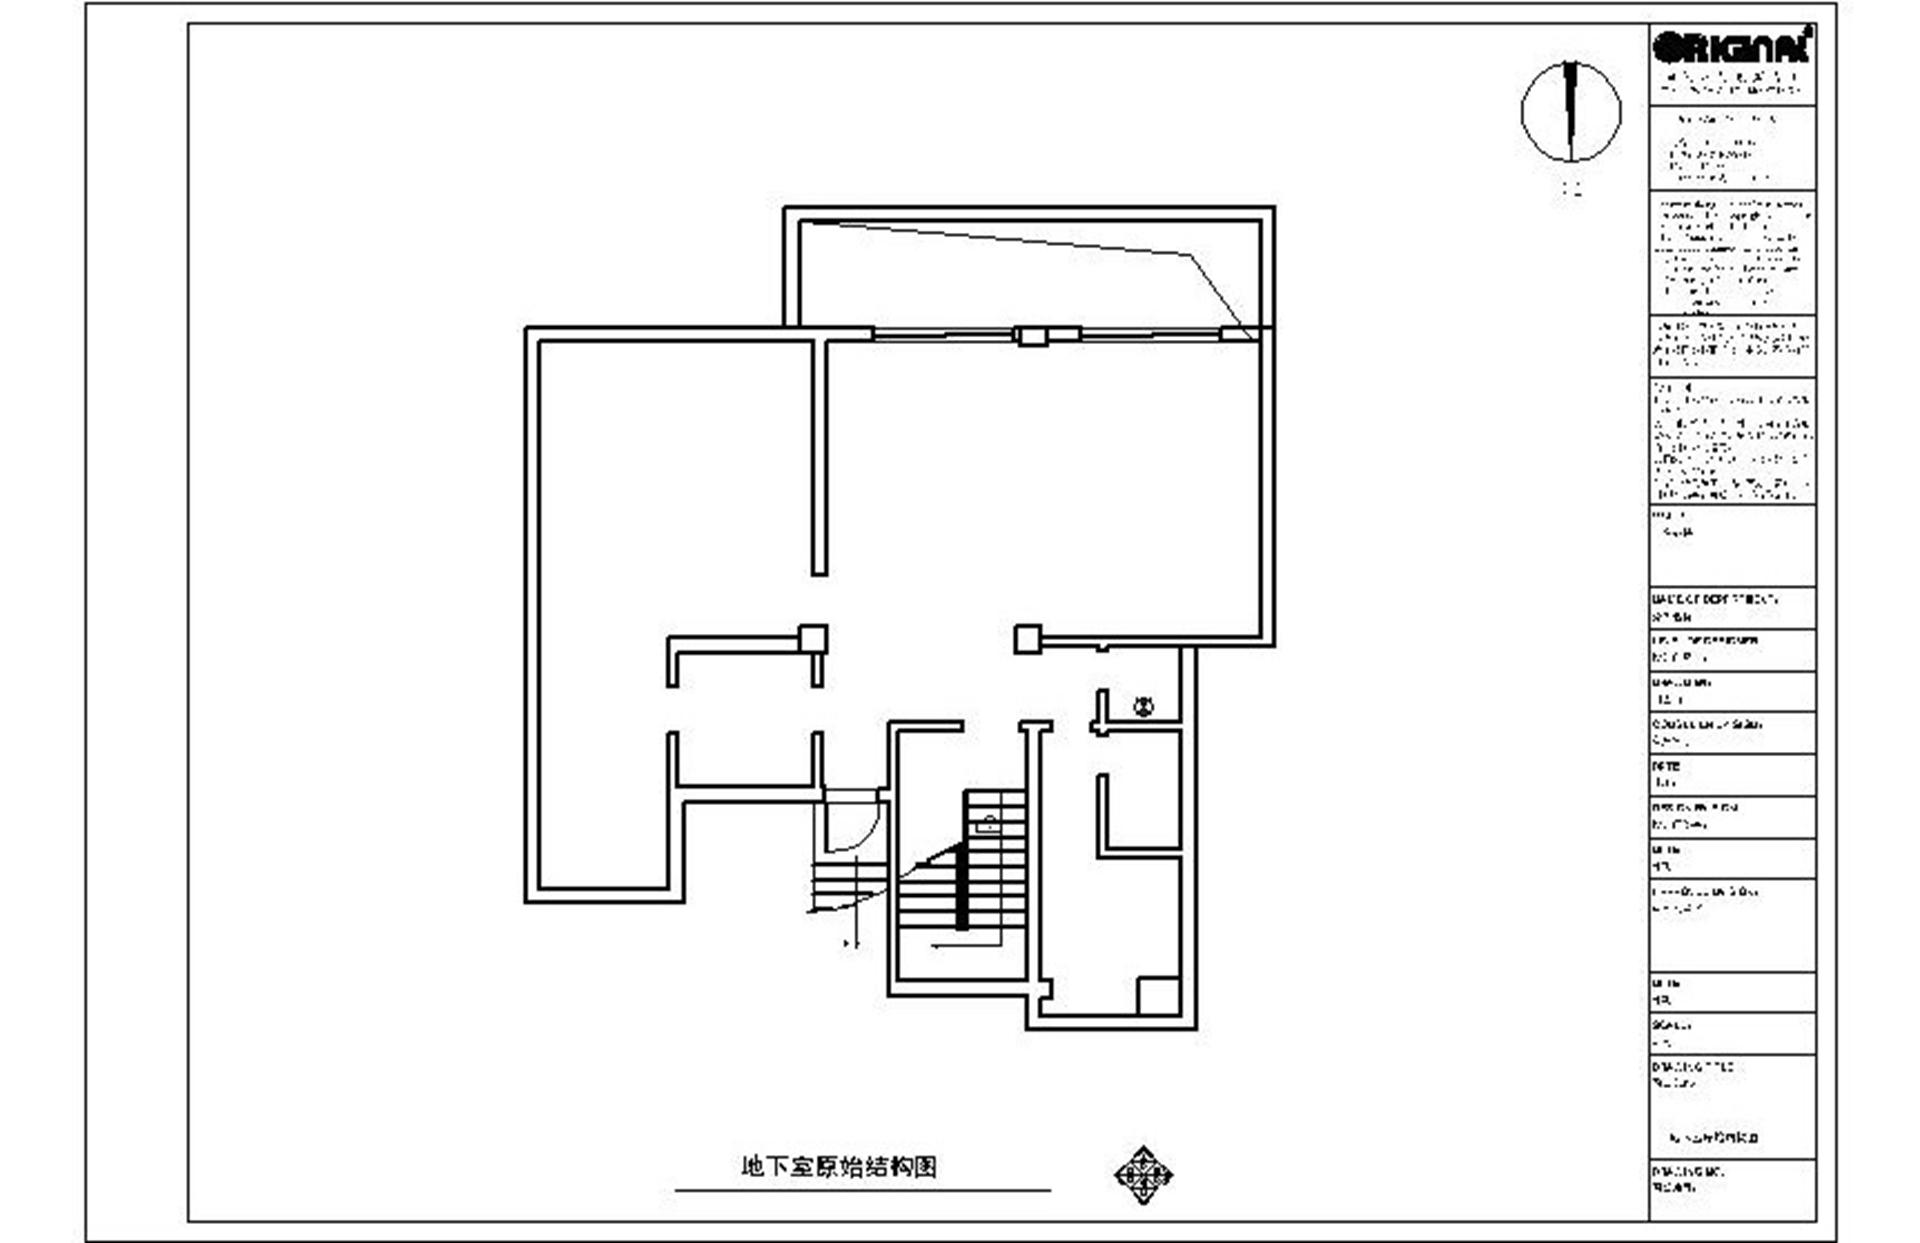 西水东 美式乡村 400装修设计理念